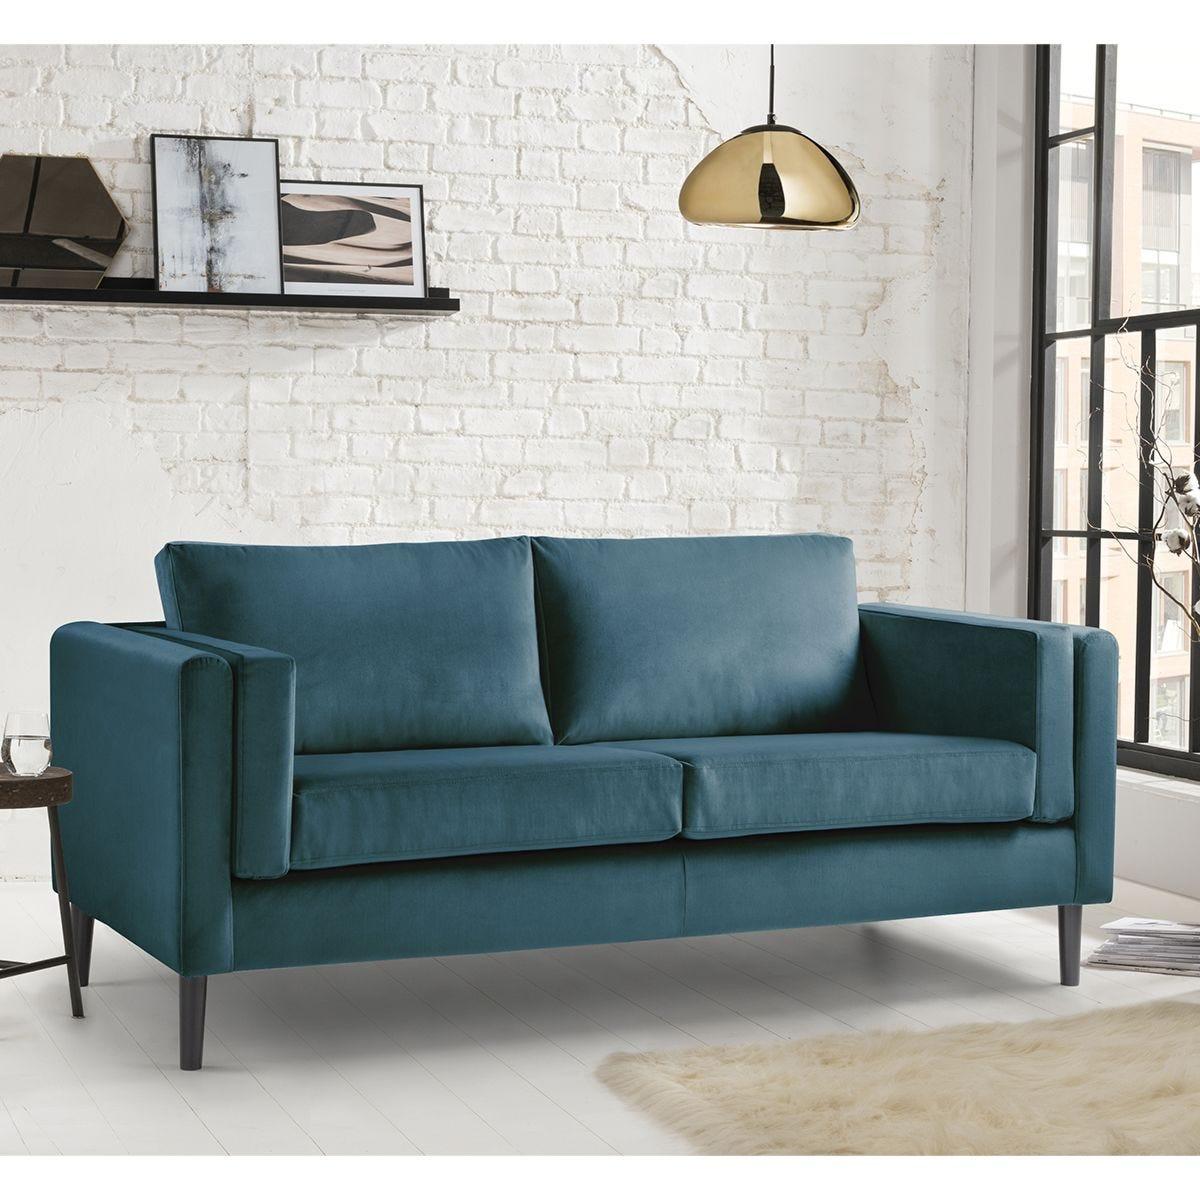 Rio 3 Seater Sofa - Malta Peacock